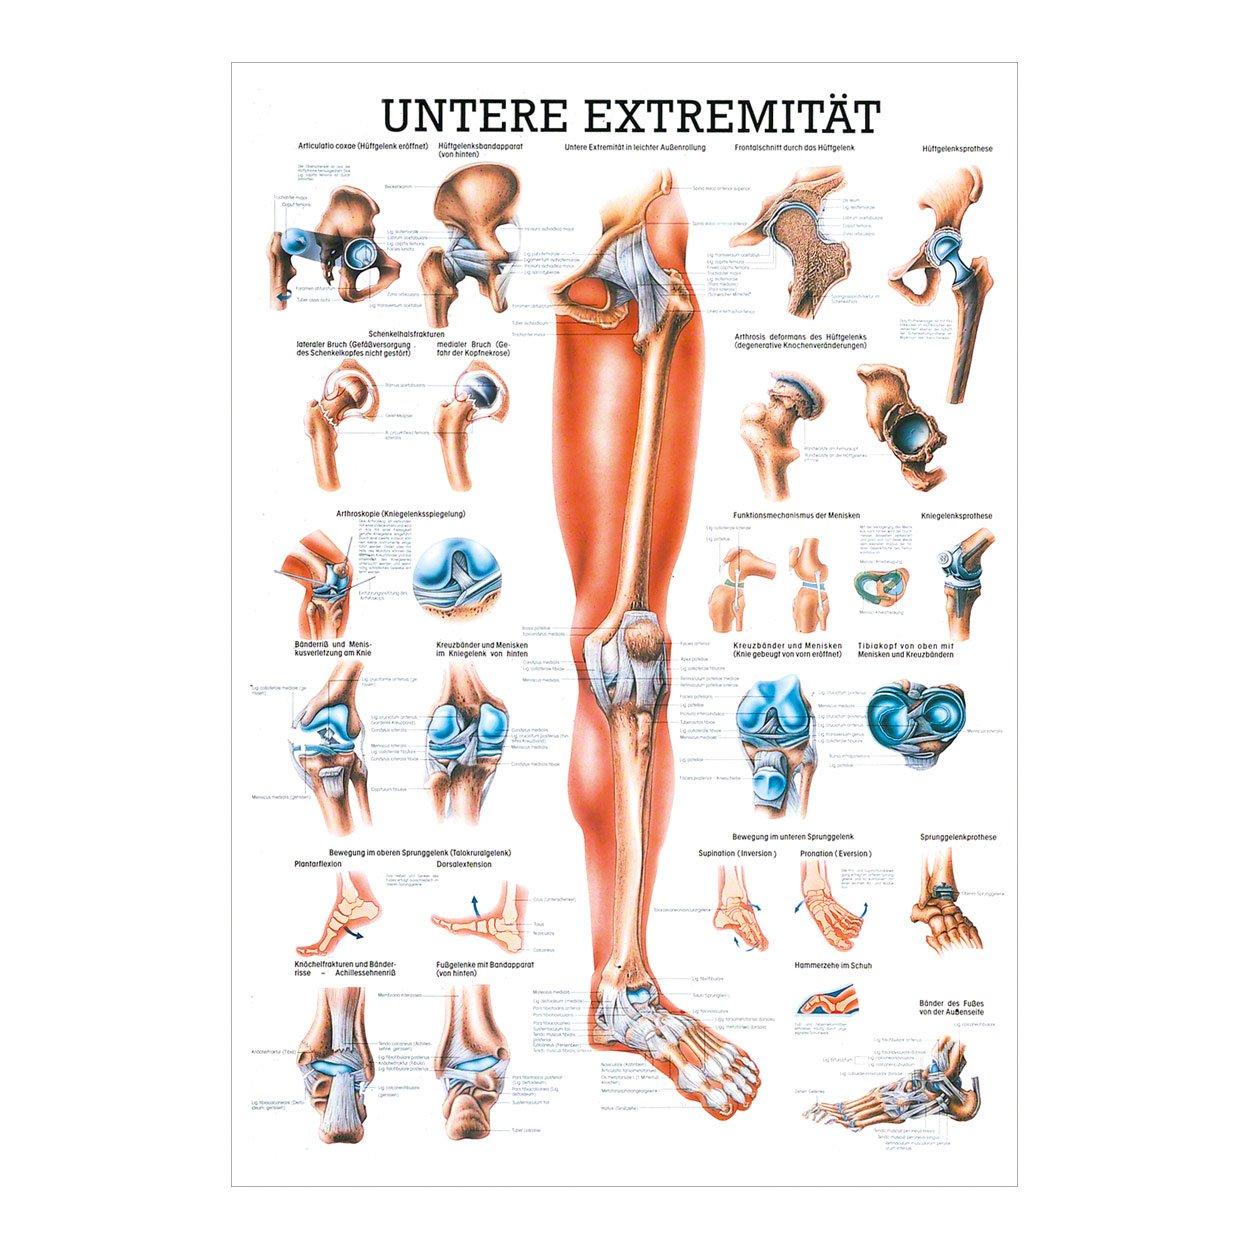 Nett Untere Extremität Anatomie Bilder Ideen - Menschliche Anatomie ...